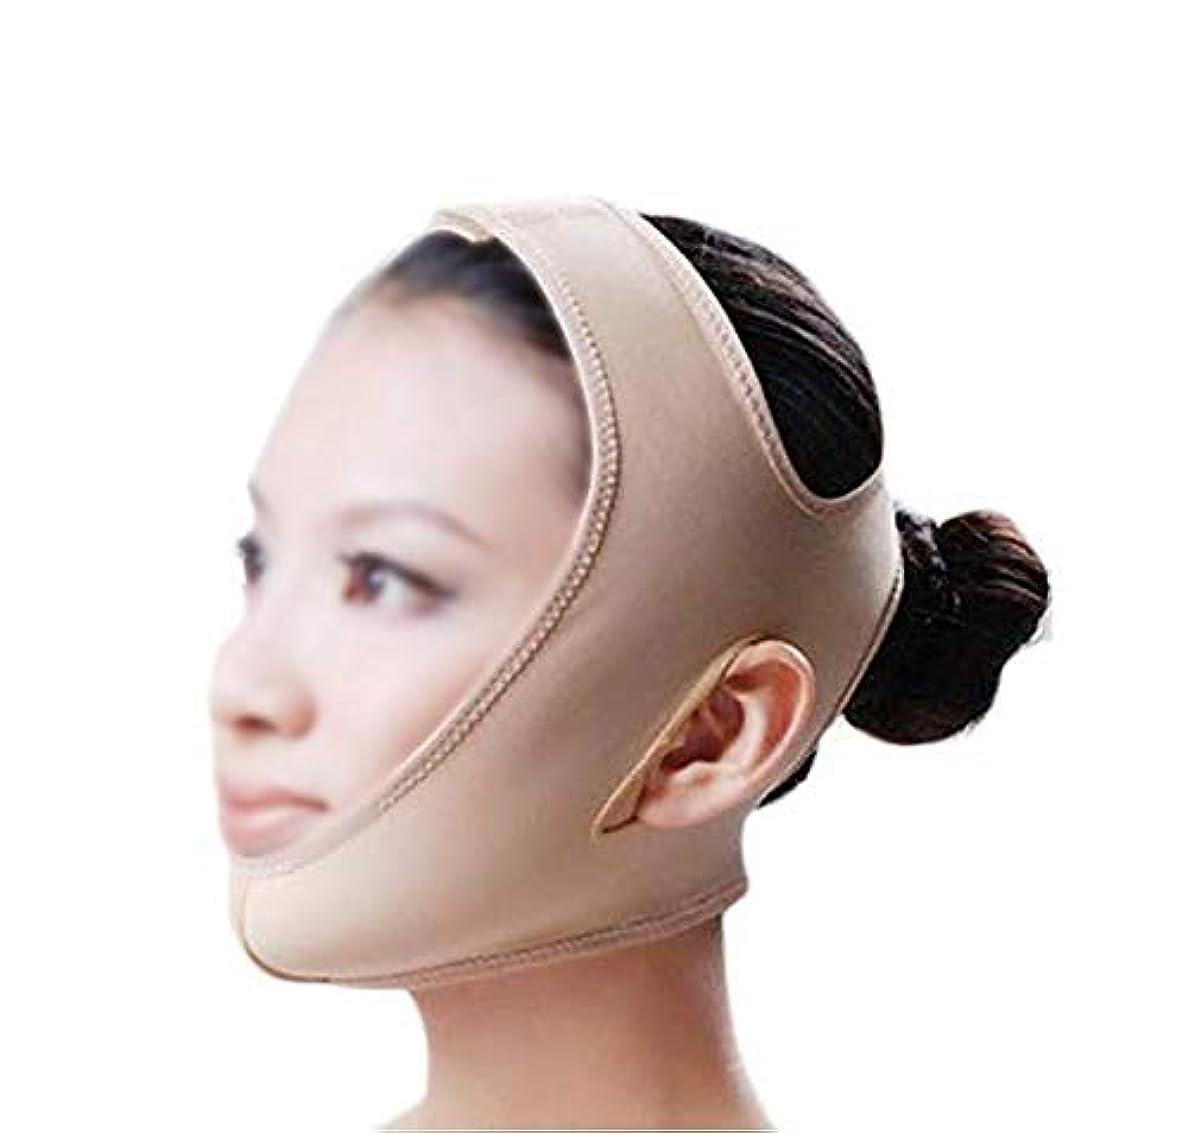 遺体安置所スチュワーデス最も遠いTLMY 引き締めマスクマスクフェイシャルマスク美容薬マスク美容V顔包帯ライン彫刻引き締めしっかりした二重あごマスク 顔用整形マスク (Size : S)